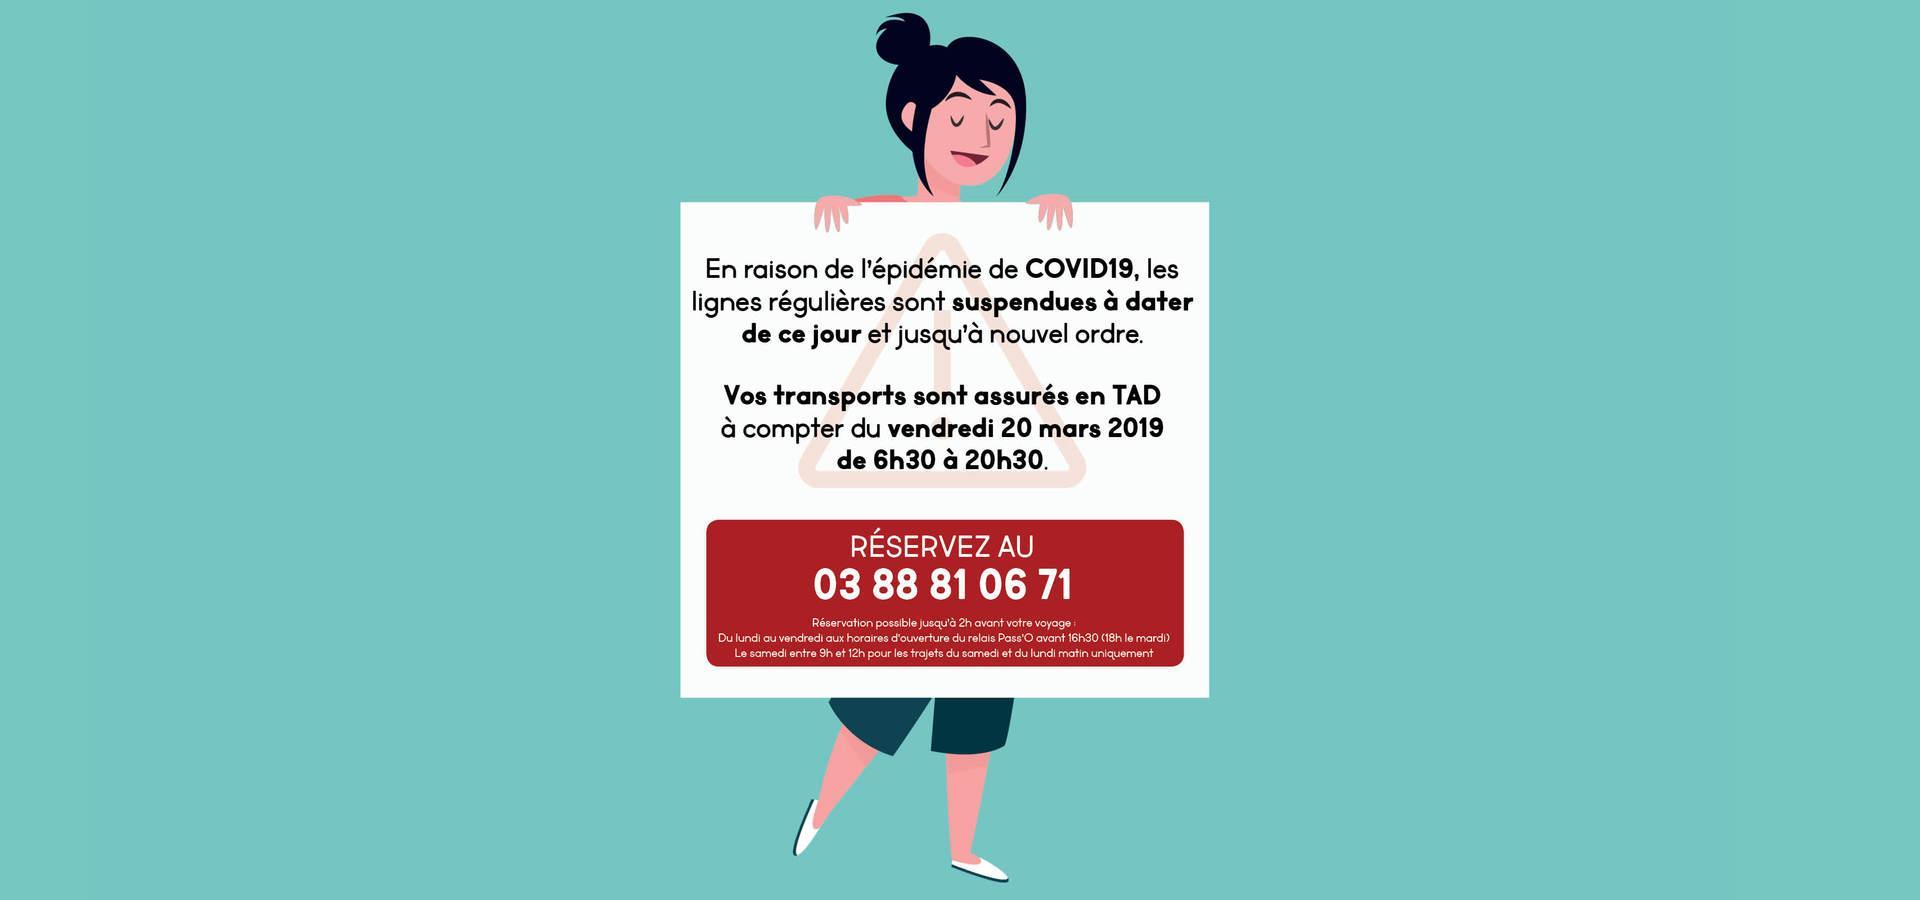 Services en Transport à la Demande (TAD) à partir du 20 mars